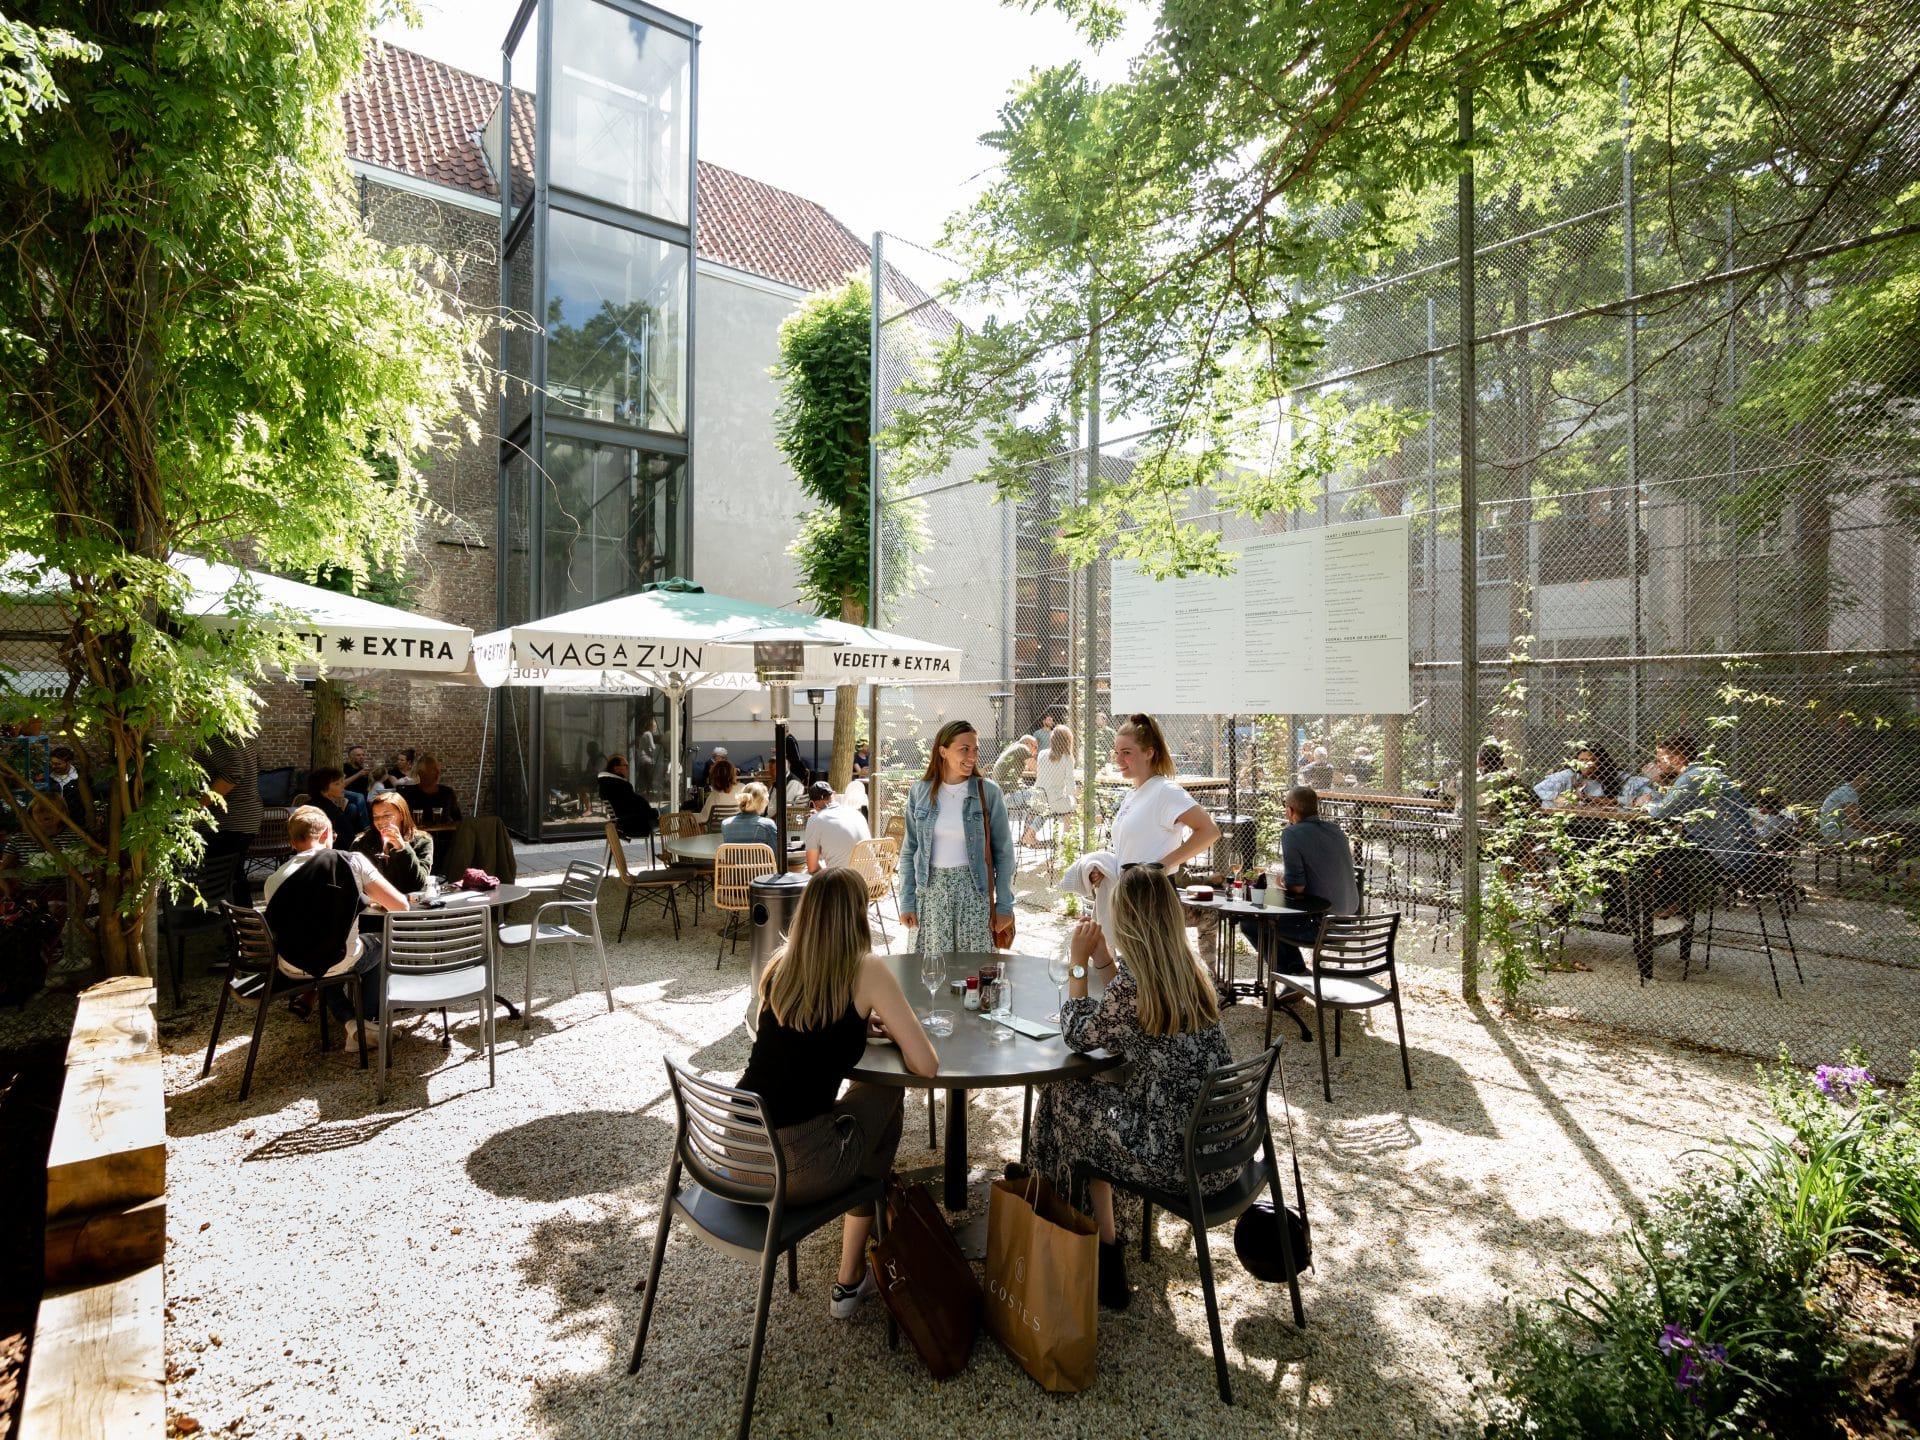 Restaurant Het Magazijn stadstuin terras Dordrecht